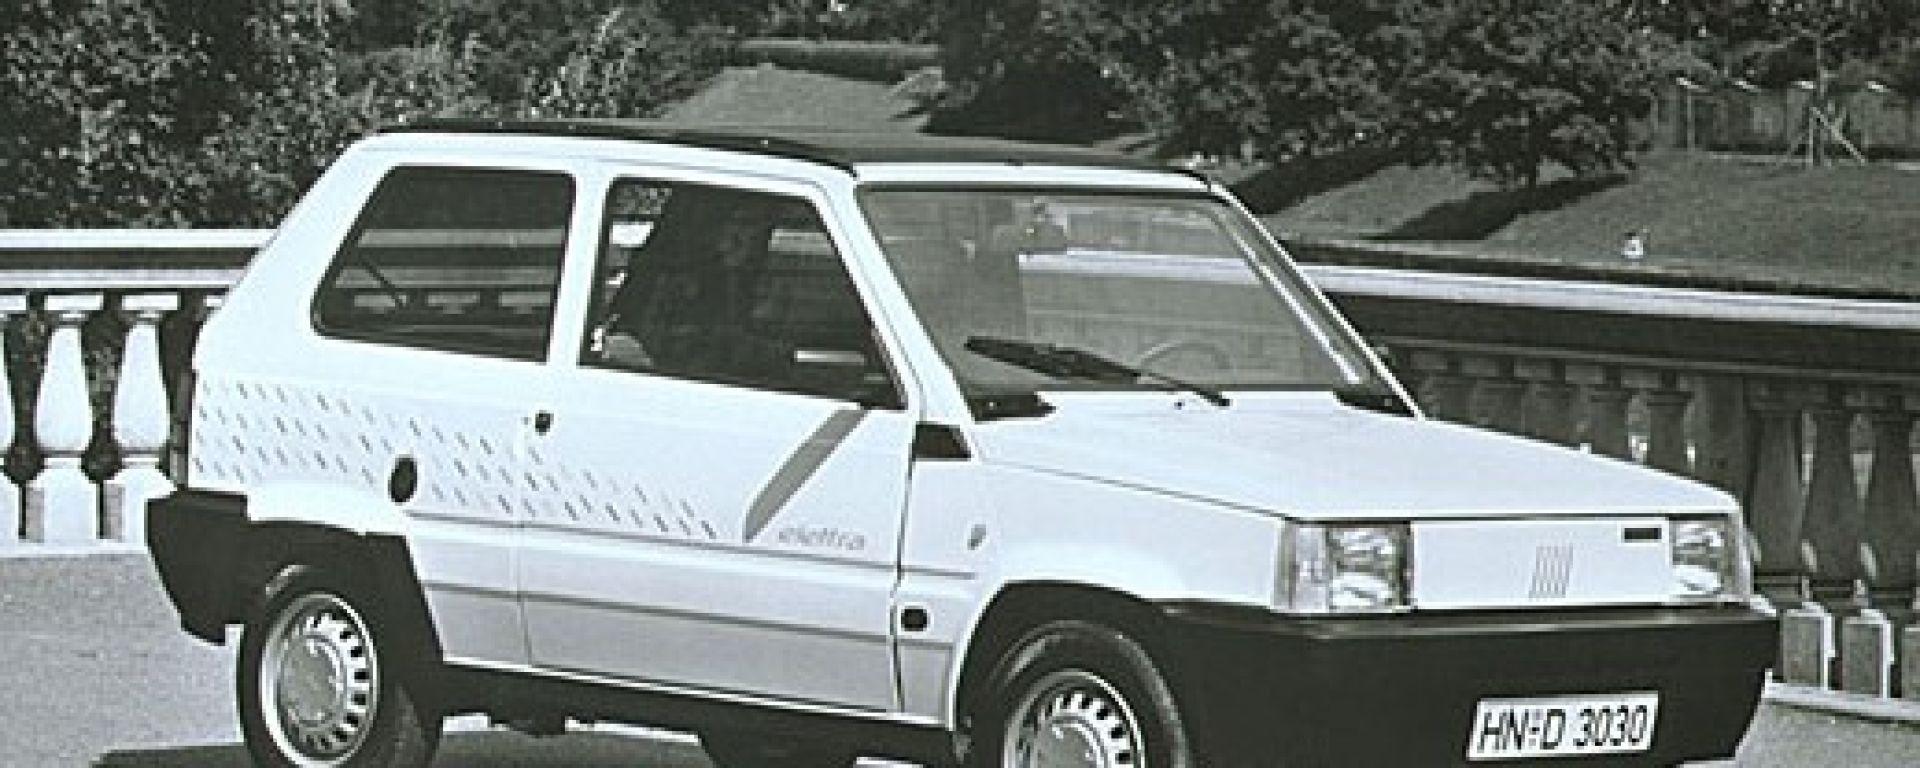 Panda story, dal 1980 al 2003